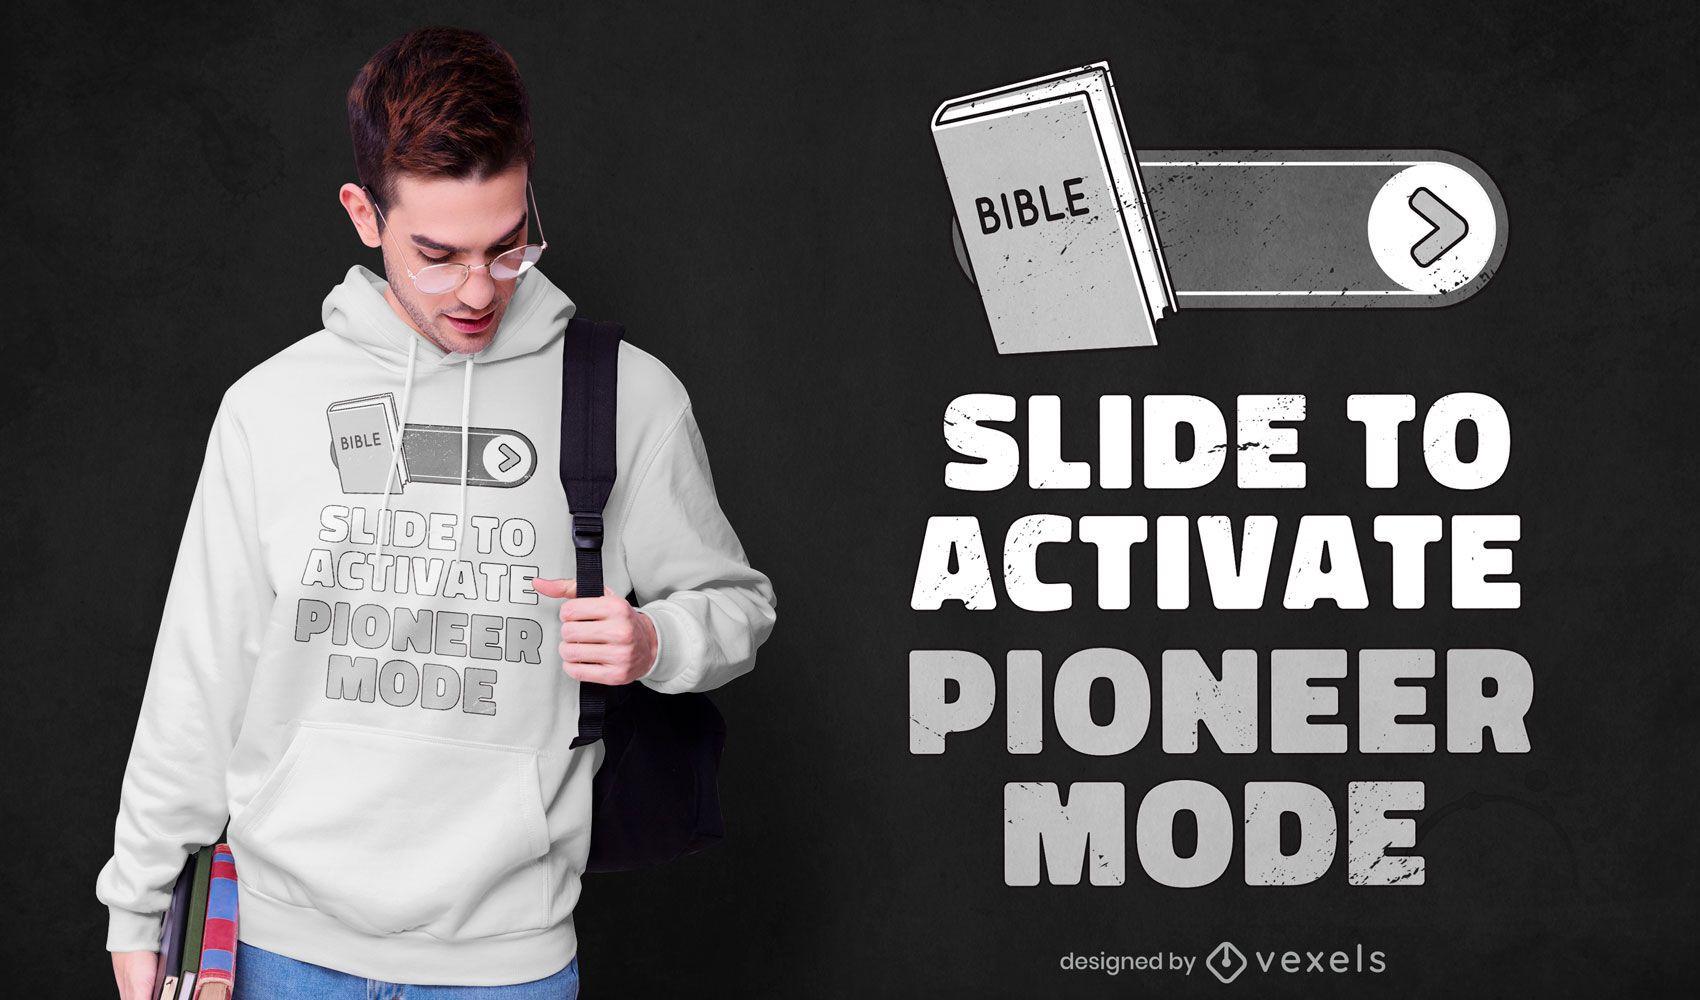 Diseño de camiseta con cita de pionero de la Biblia.